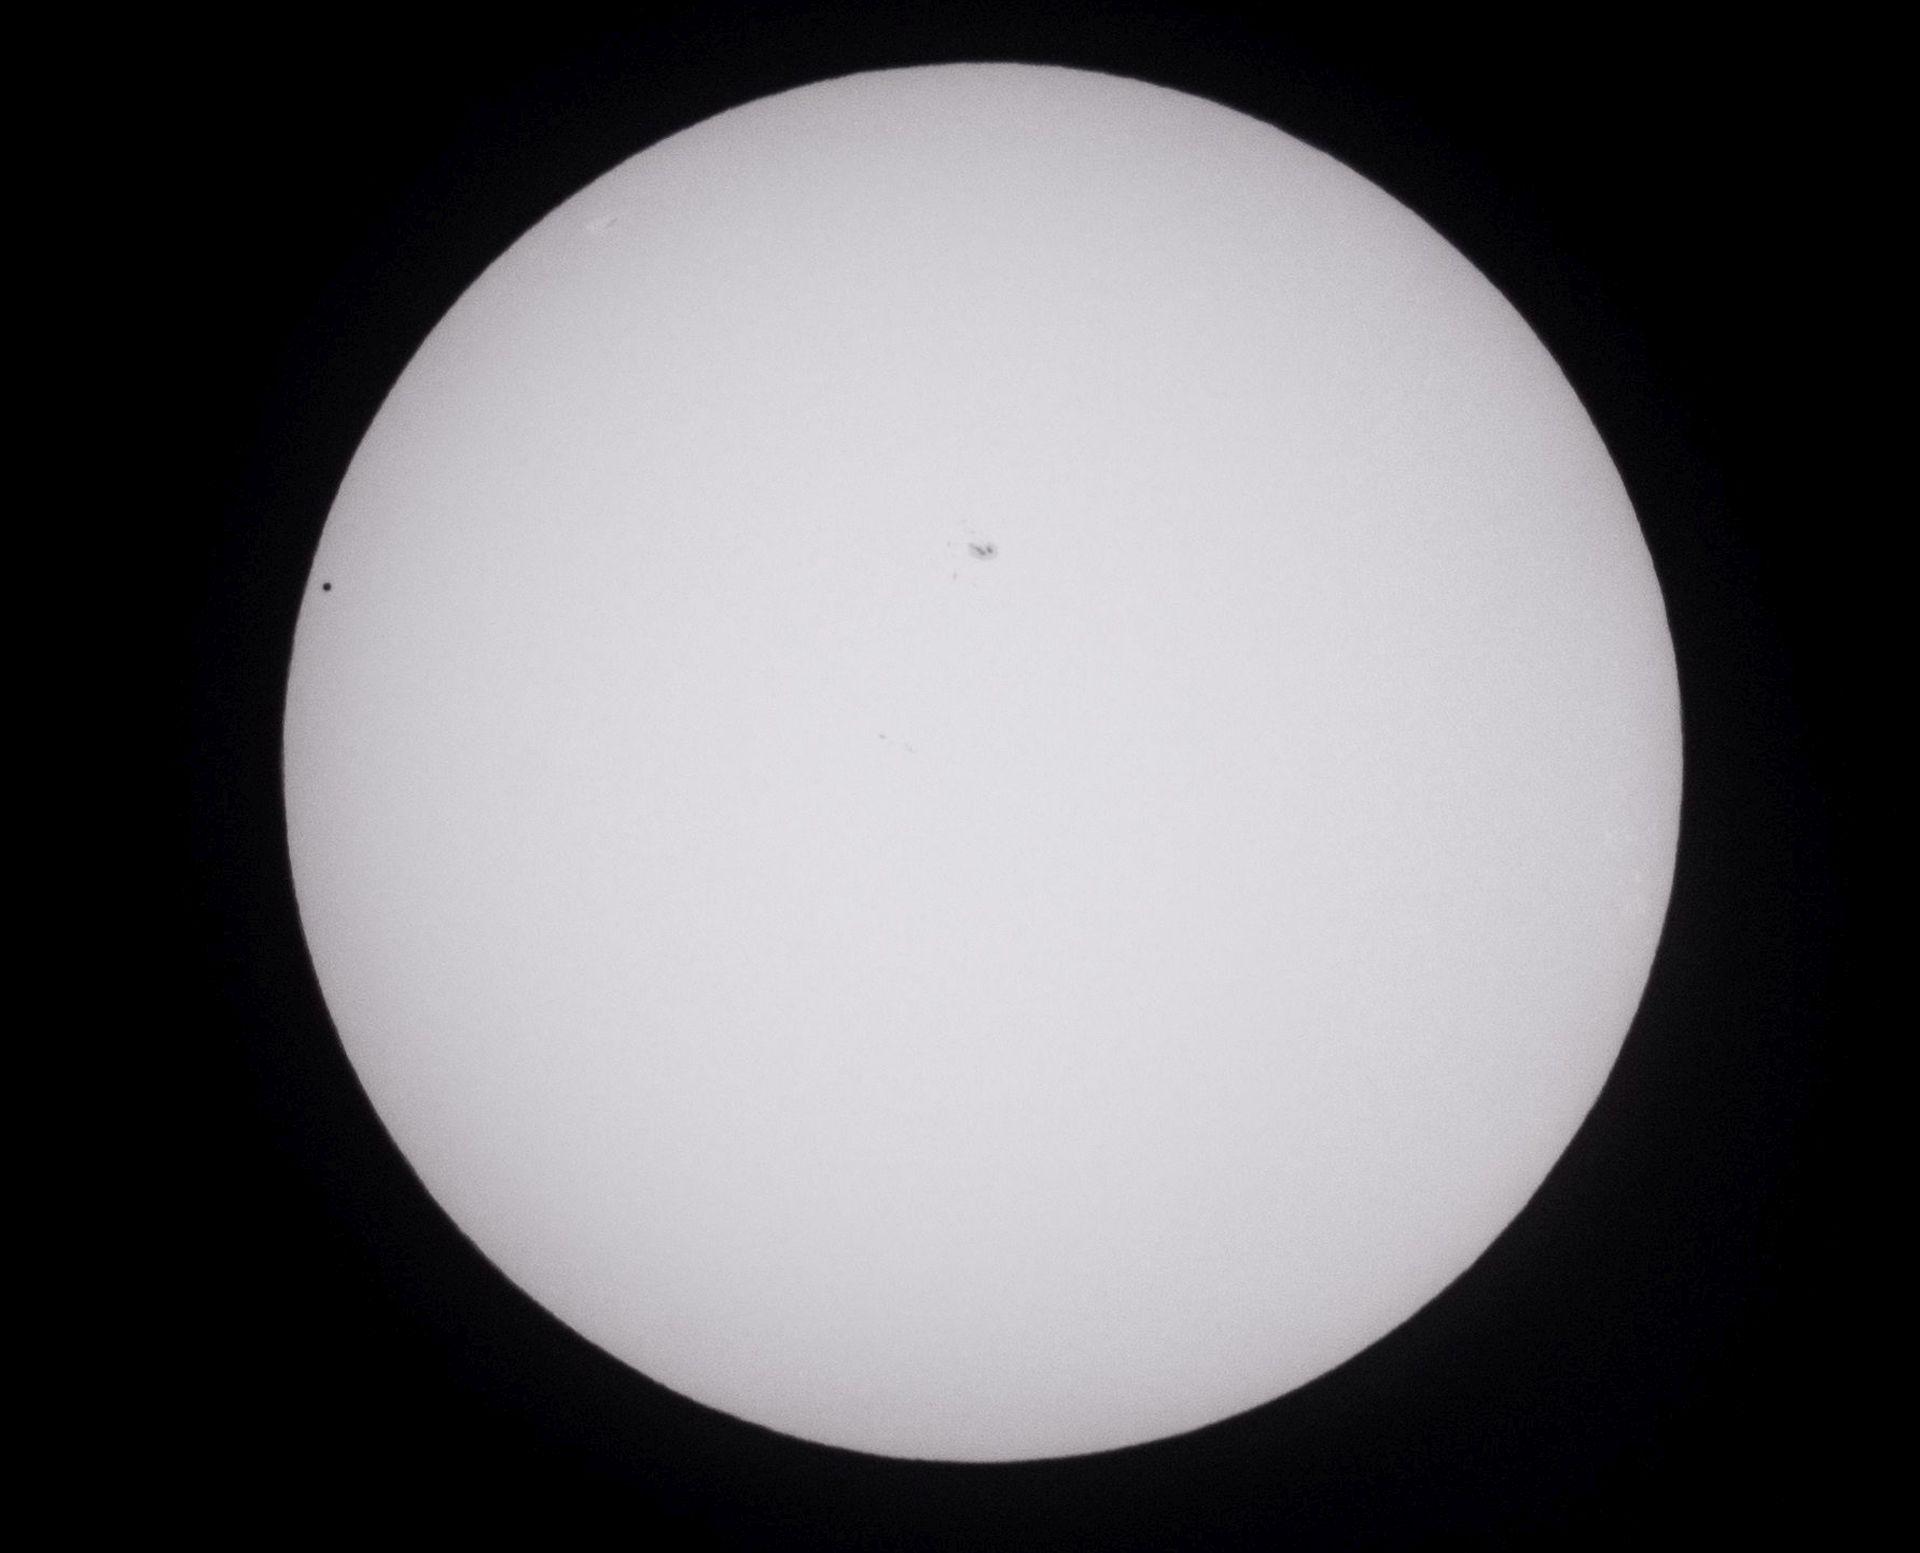 Merkur u tranzitu između Zemlje i Sunca